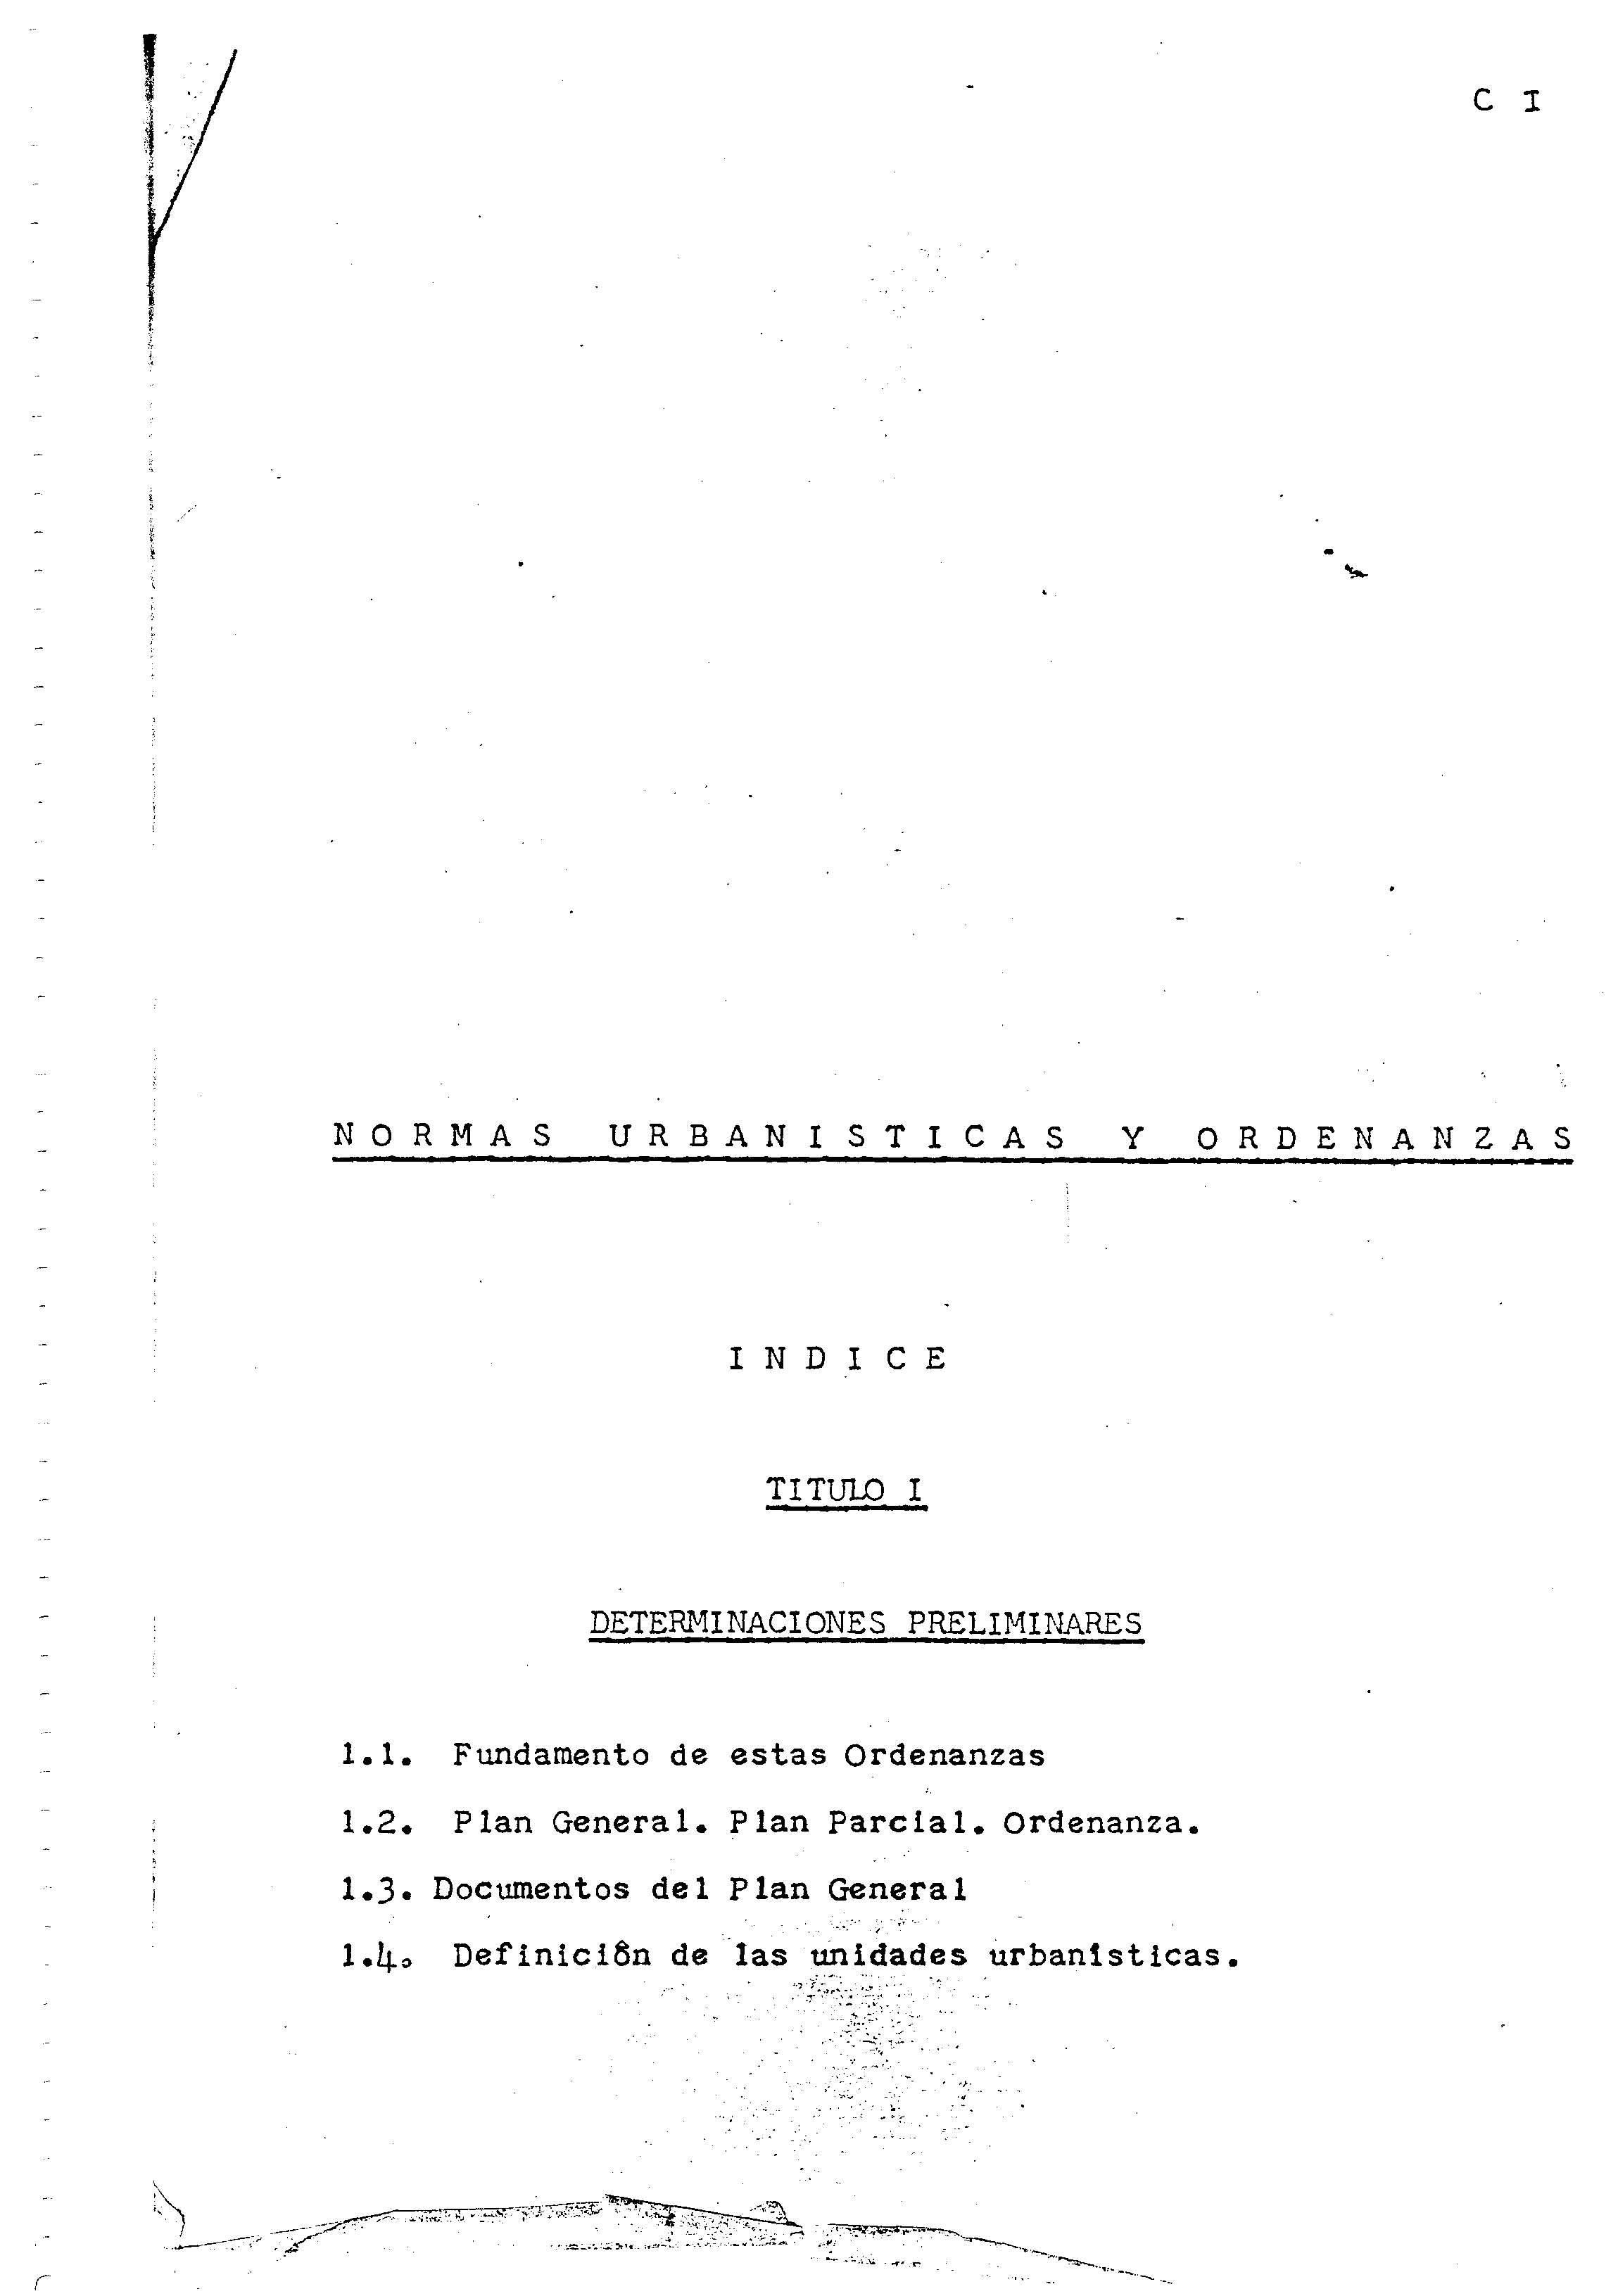 Normas urbanísticas y ordenanzas del Plan General de Arrecife de 1968